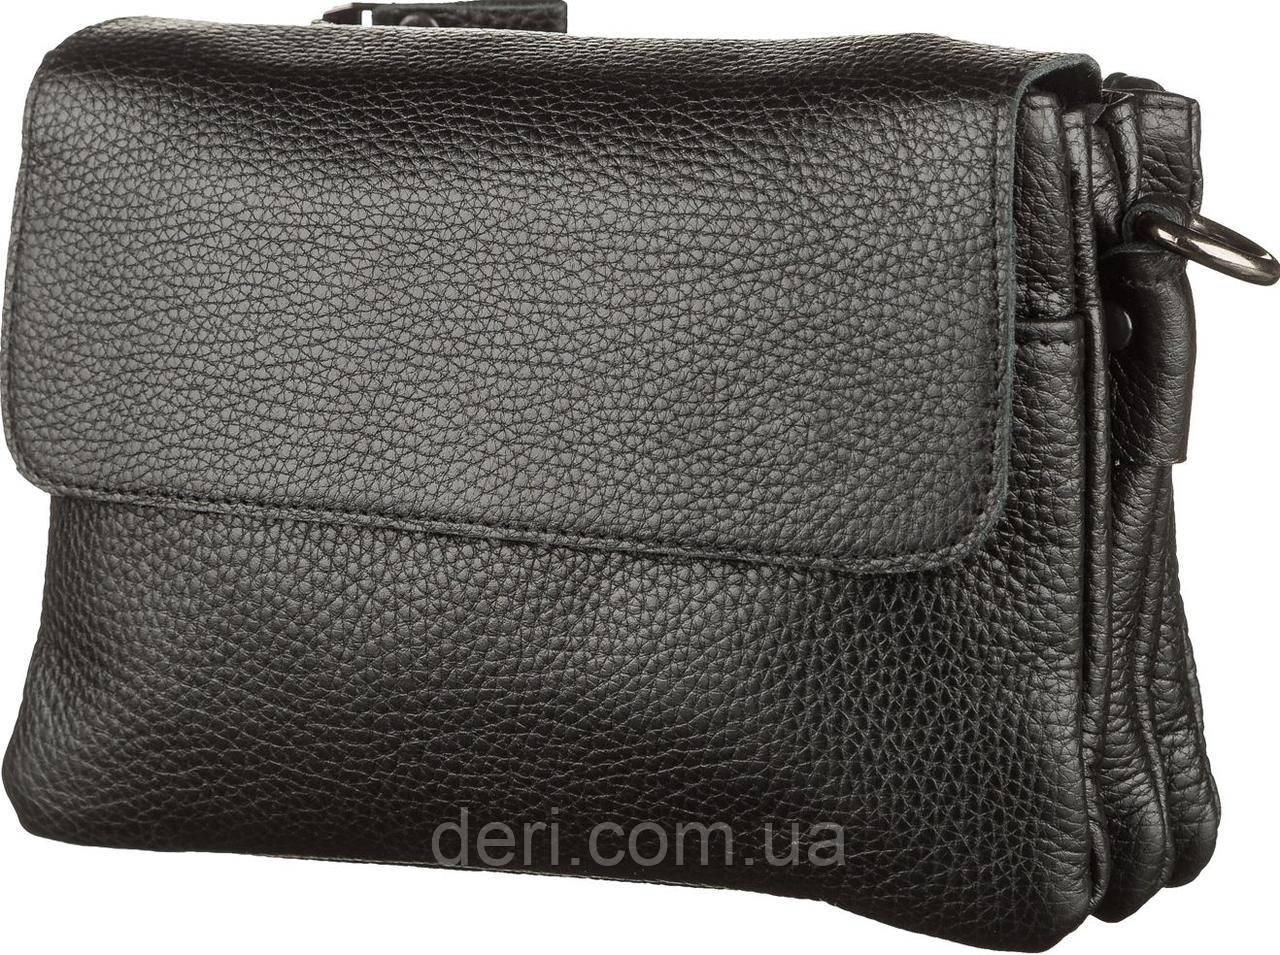 Мужская сумка SHVIGEL 11038 кожаная, Черная, Черный